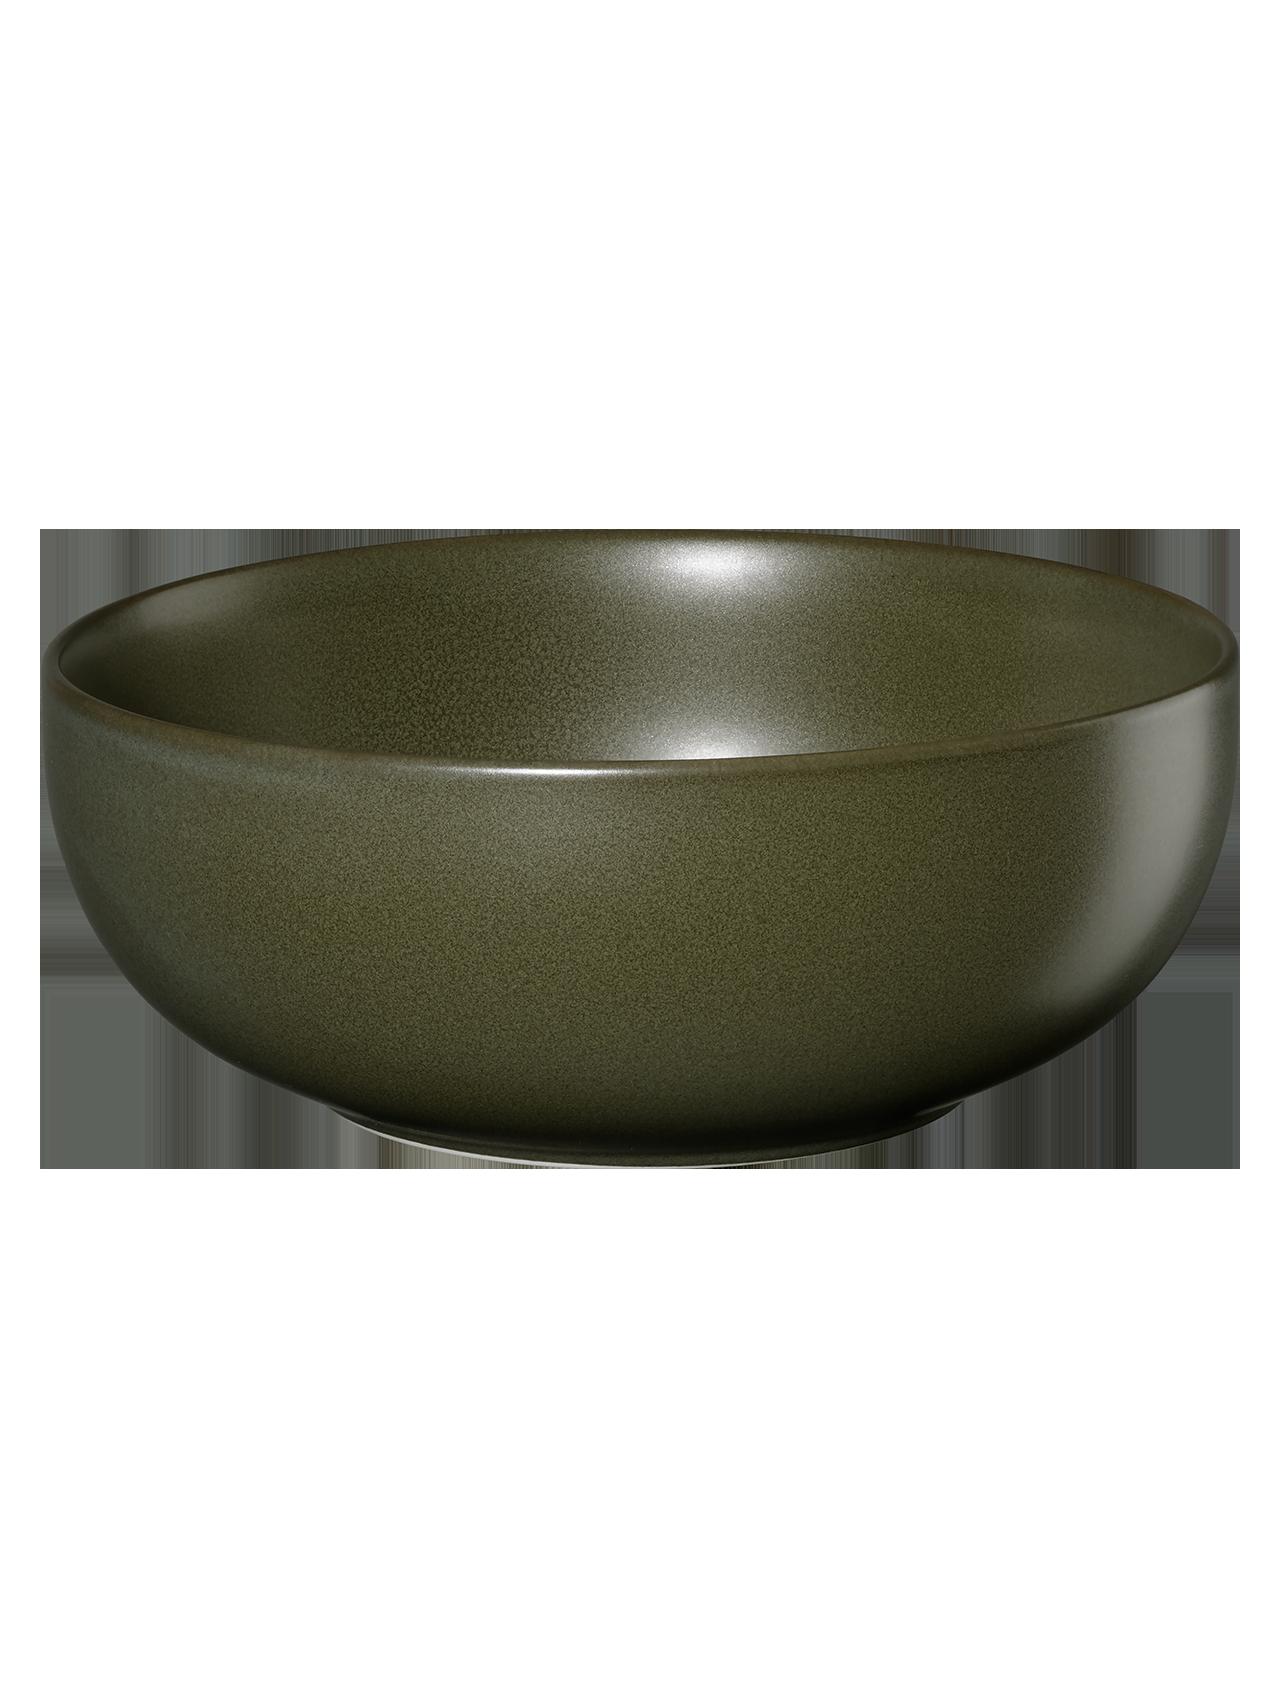 Image of Buddha Bowl nori